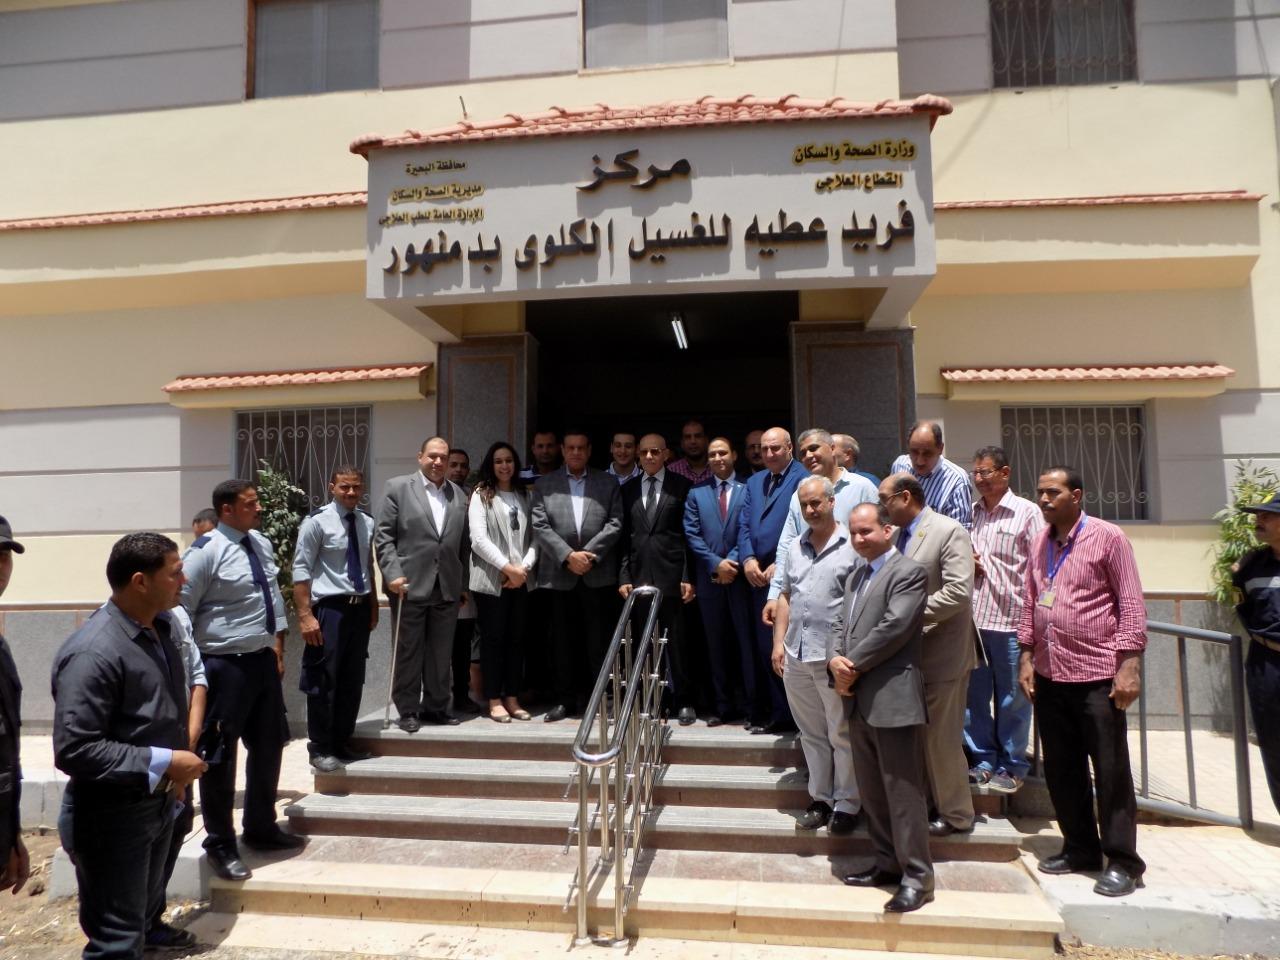 بالصور .. محافظ البحيرة يستعرض إنجازات الدولة على أرض محافظة البحيرة فى قطاع الصحة .